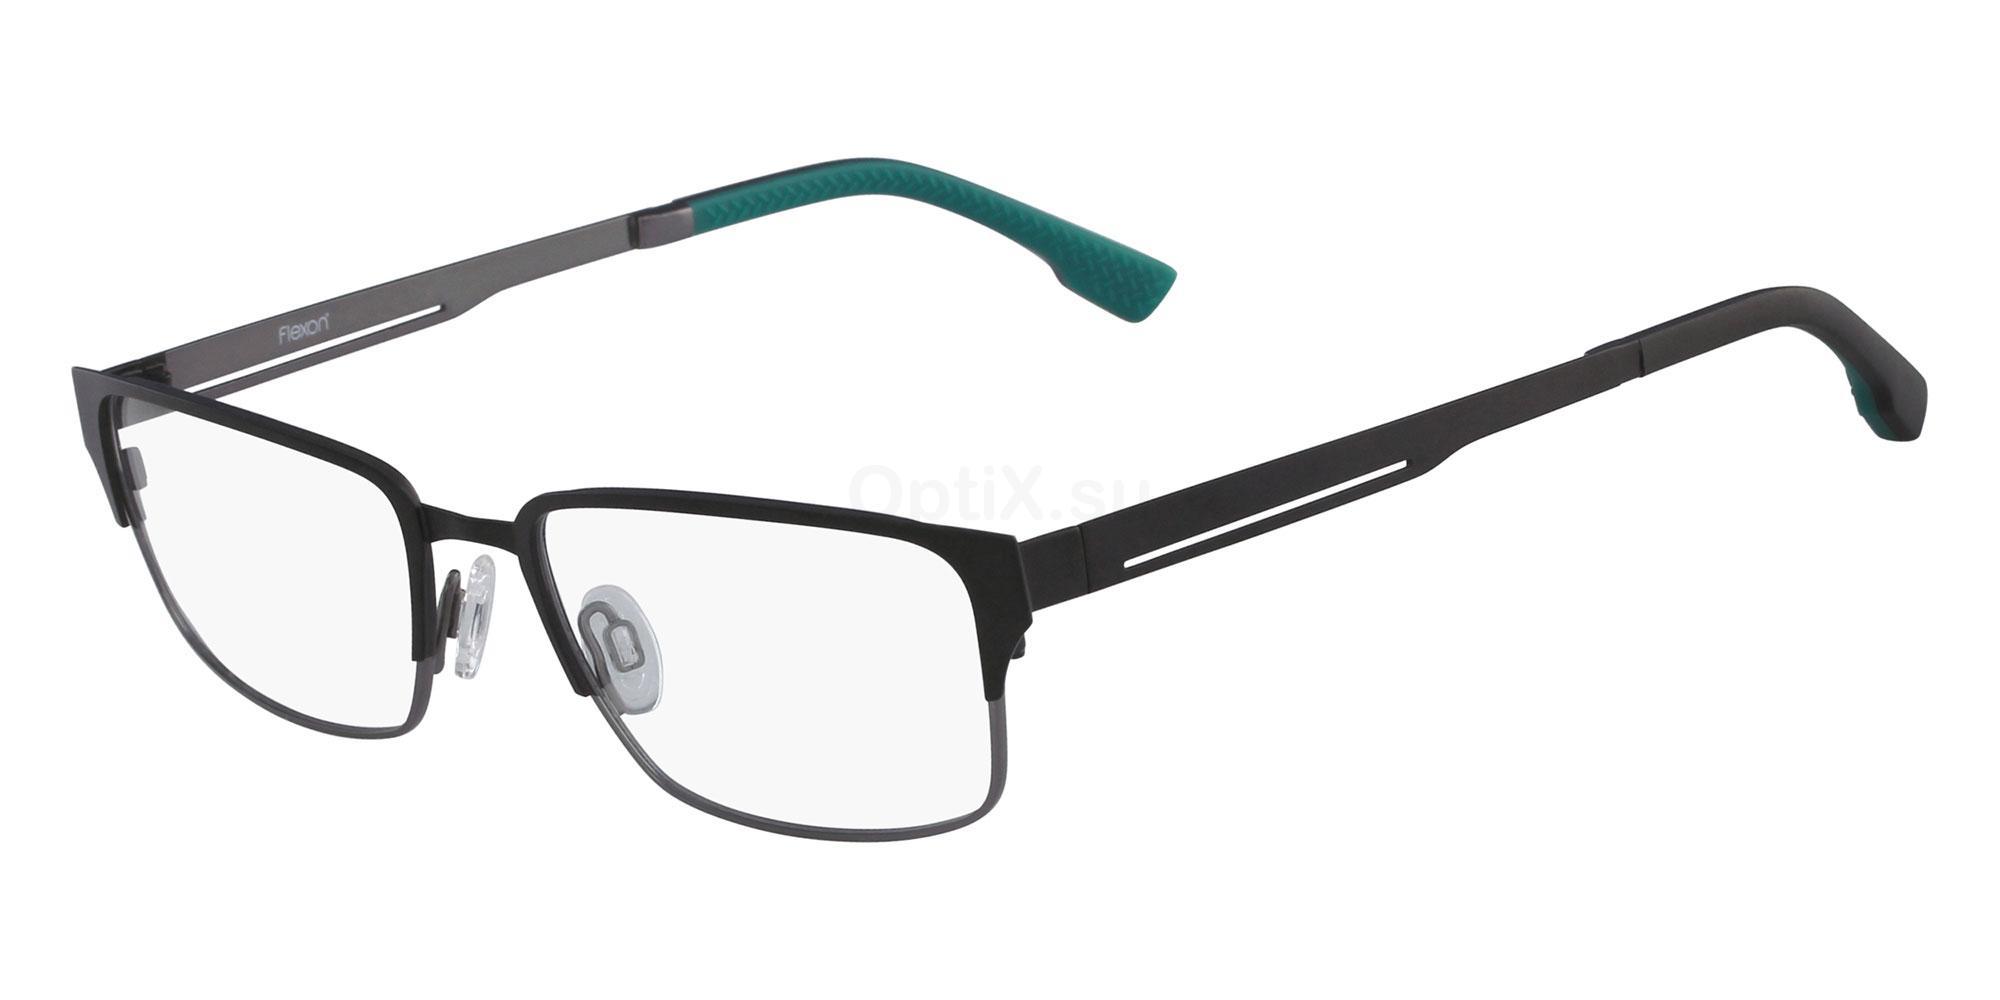 001 FLEXON E1044 Glasses, Flexon